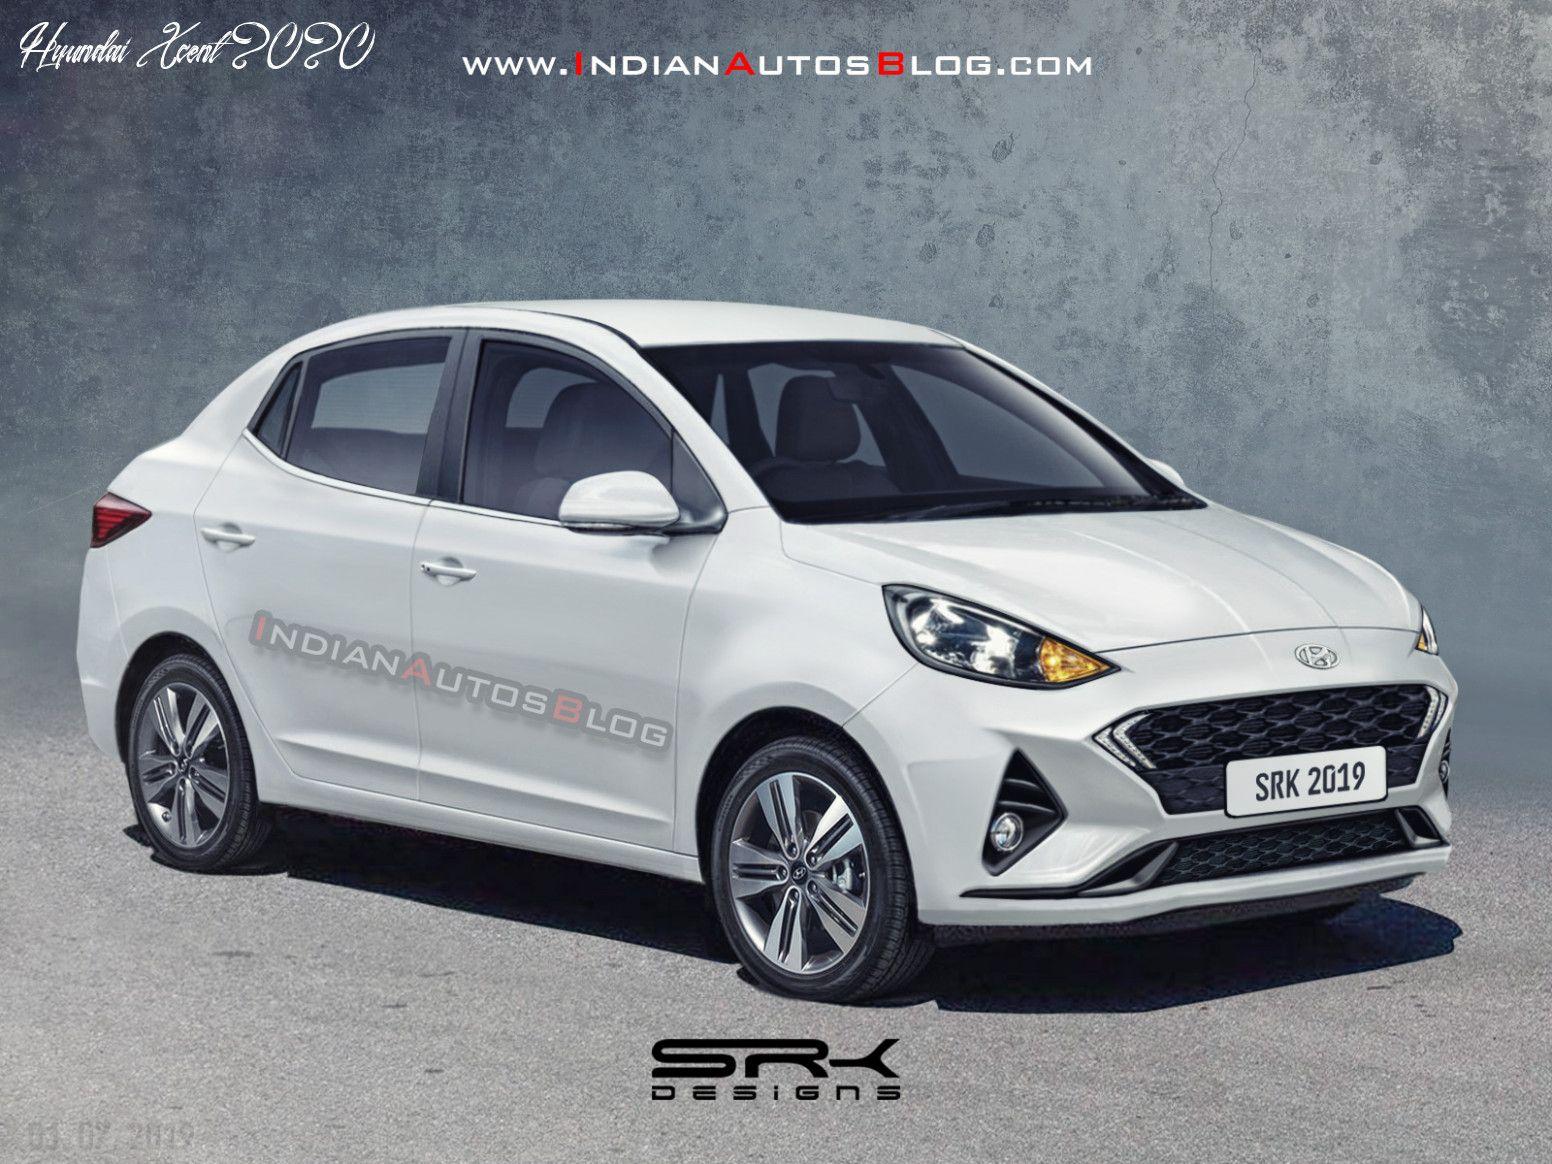 Hyundai Xcent 2020 New Review In 2020 Hyundai Sedan Car